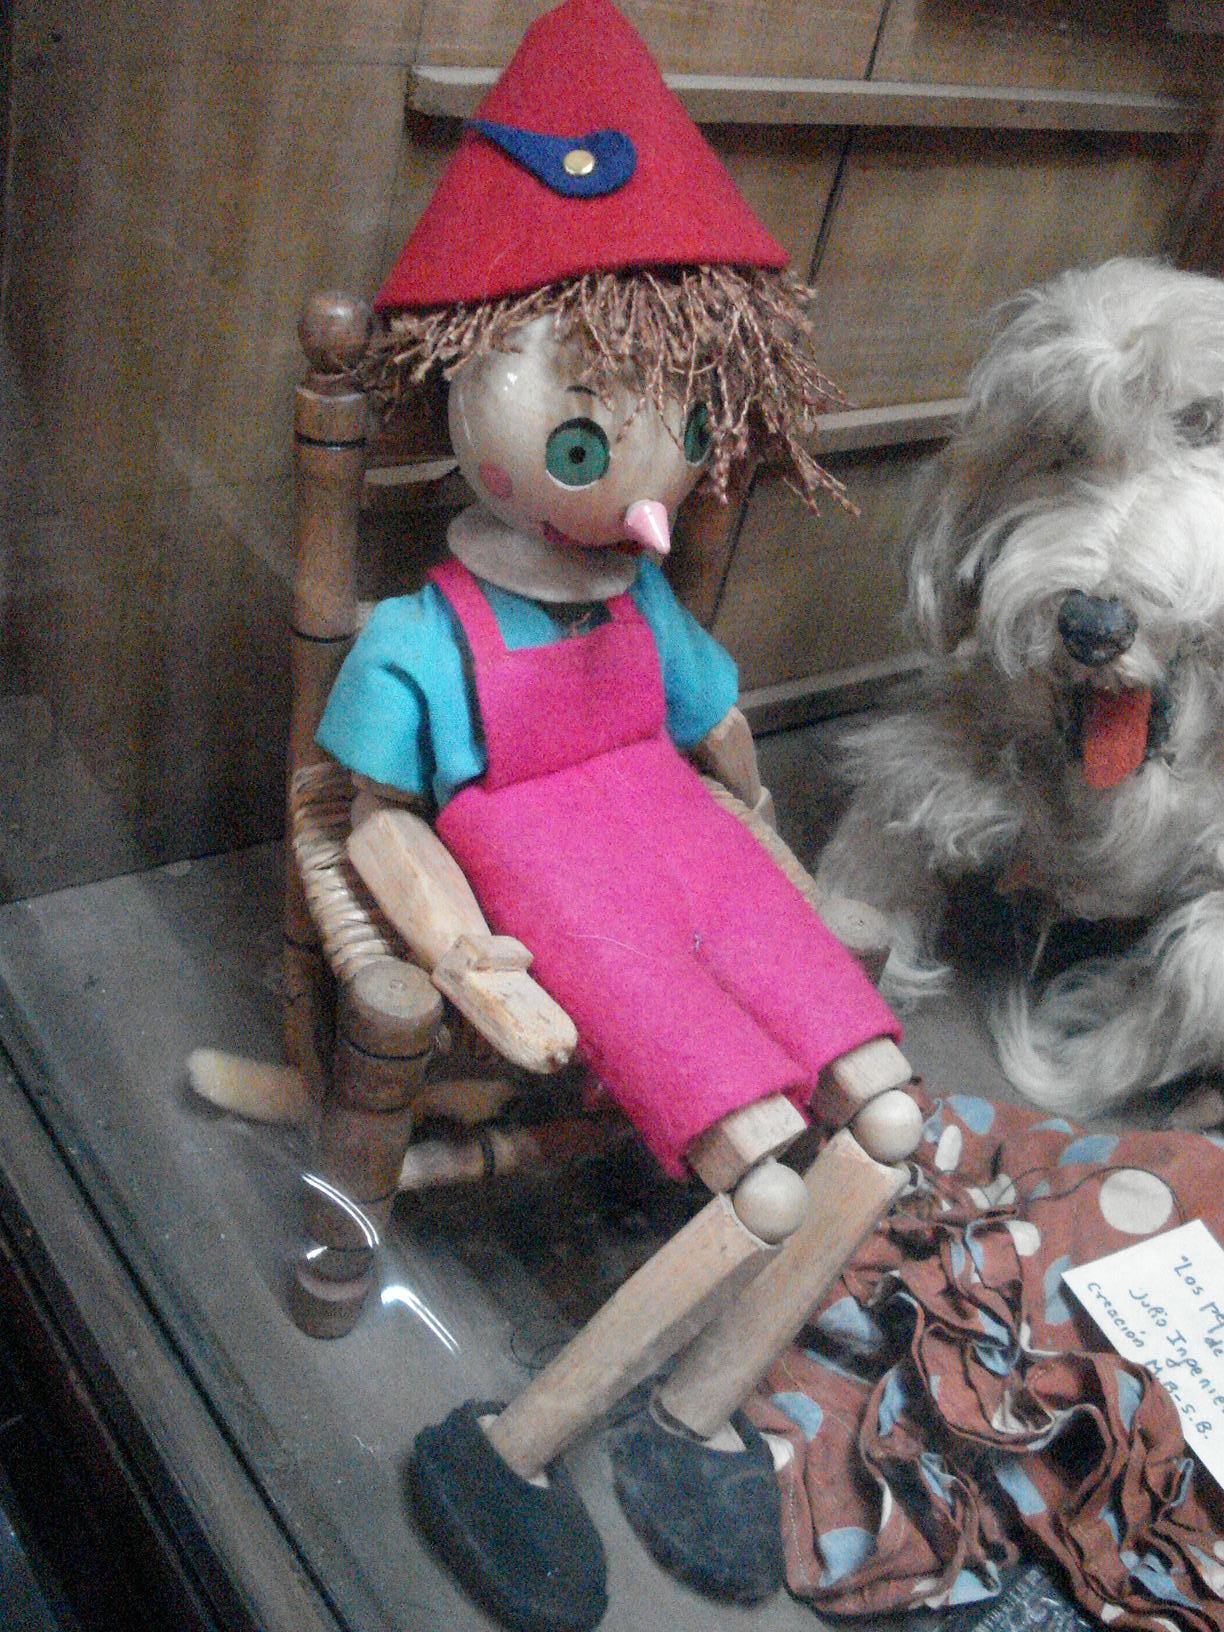 Después de buscar tantos años encontré el viejo hospital de los muñecos, y lo digo sin temor de que me crezca la nariz.